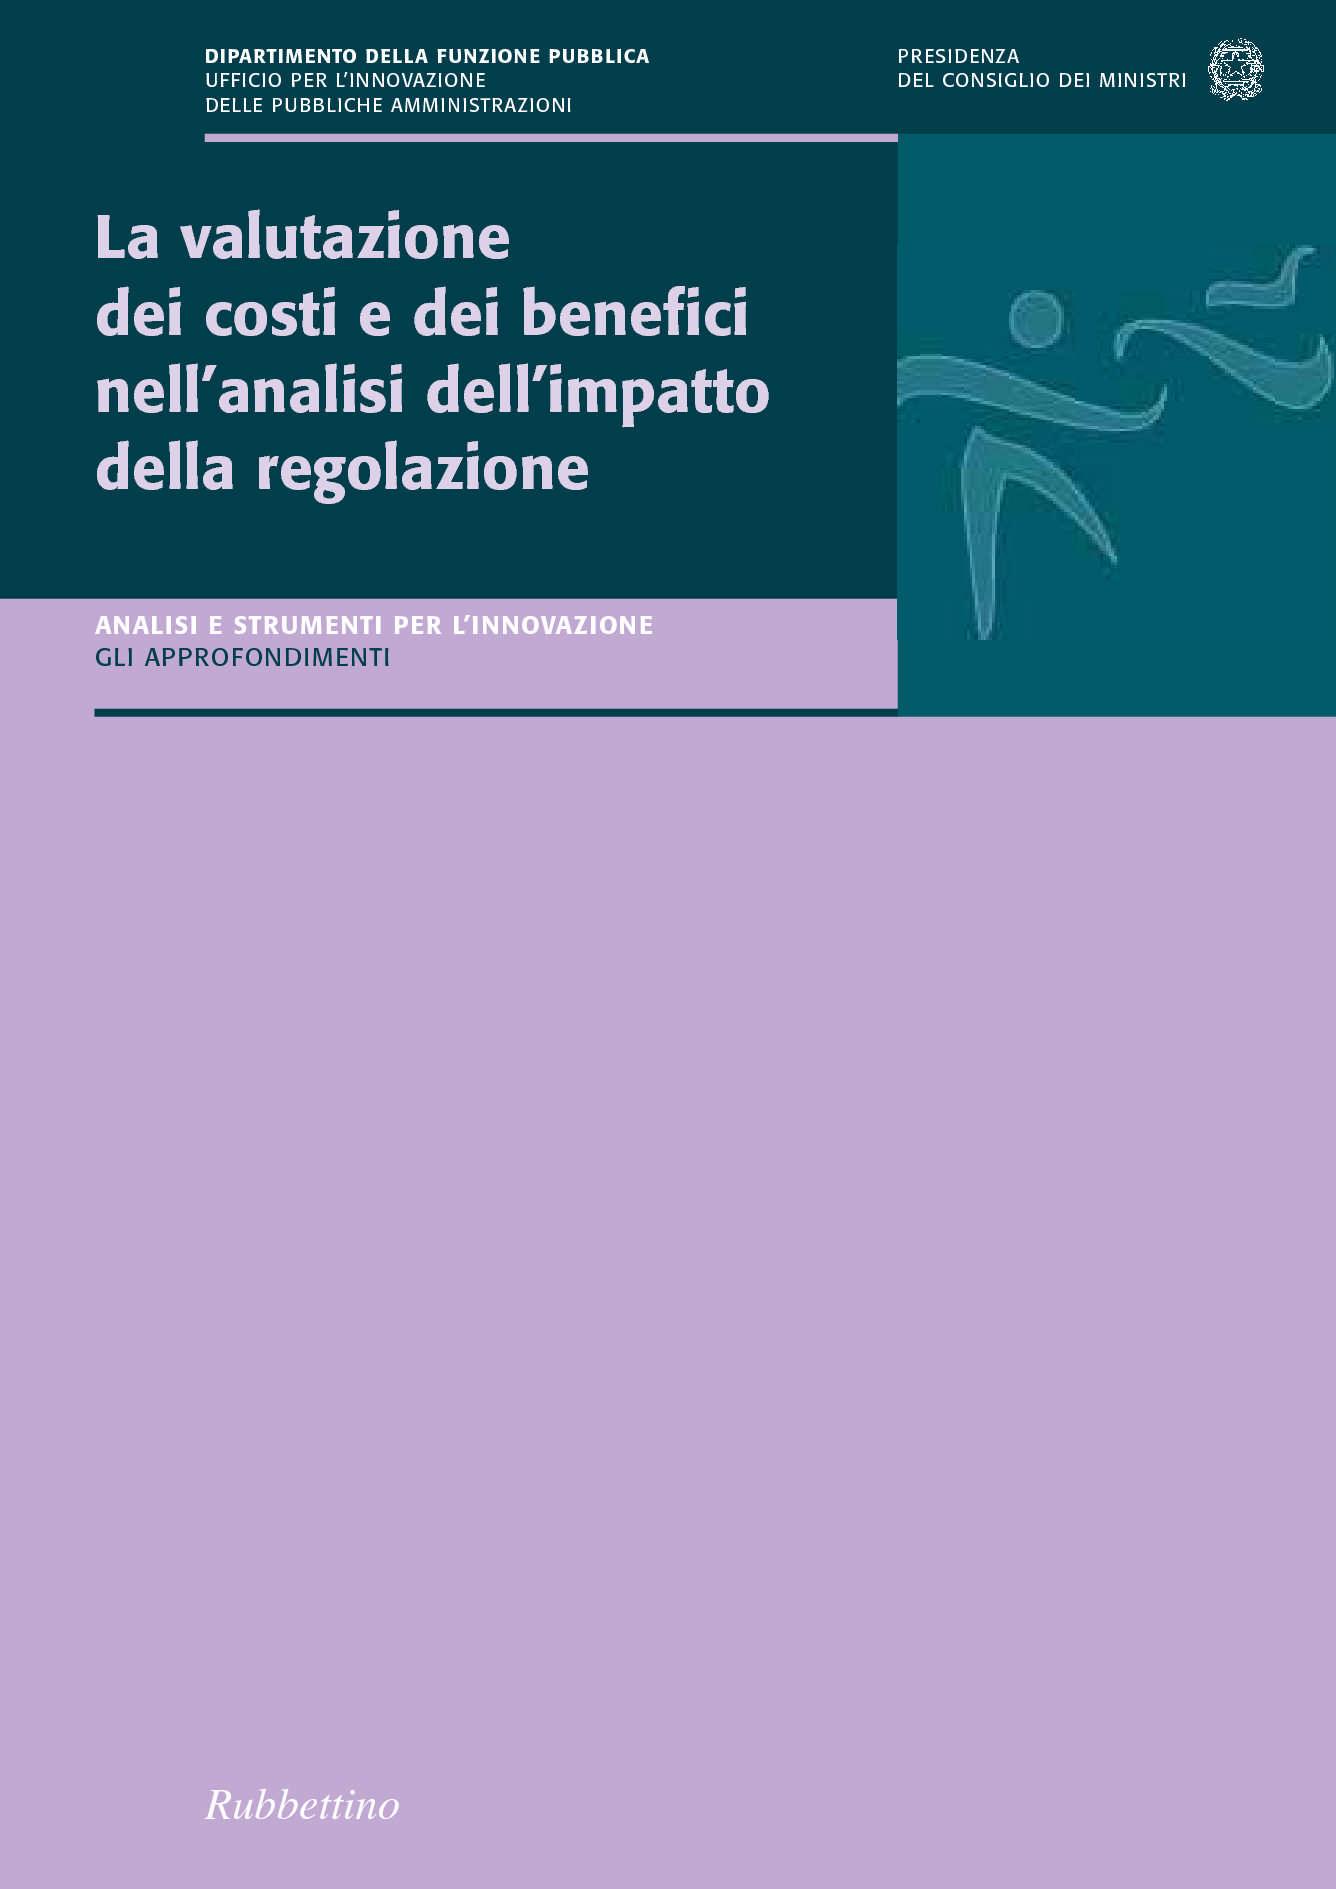 Valutazione dei costi e dei benefici nell'analisi dell'impatto della regolazione